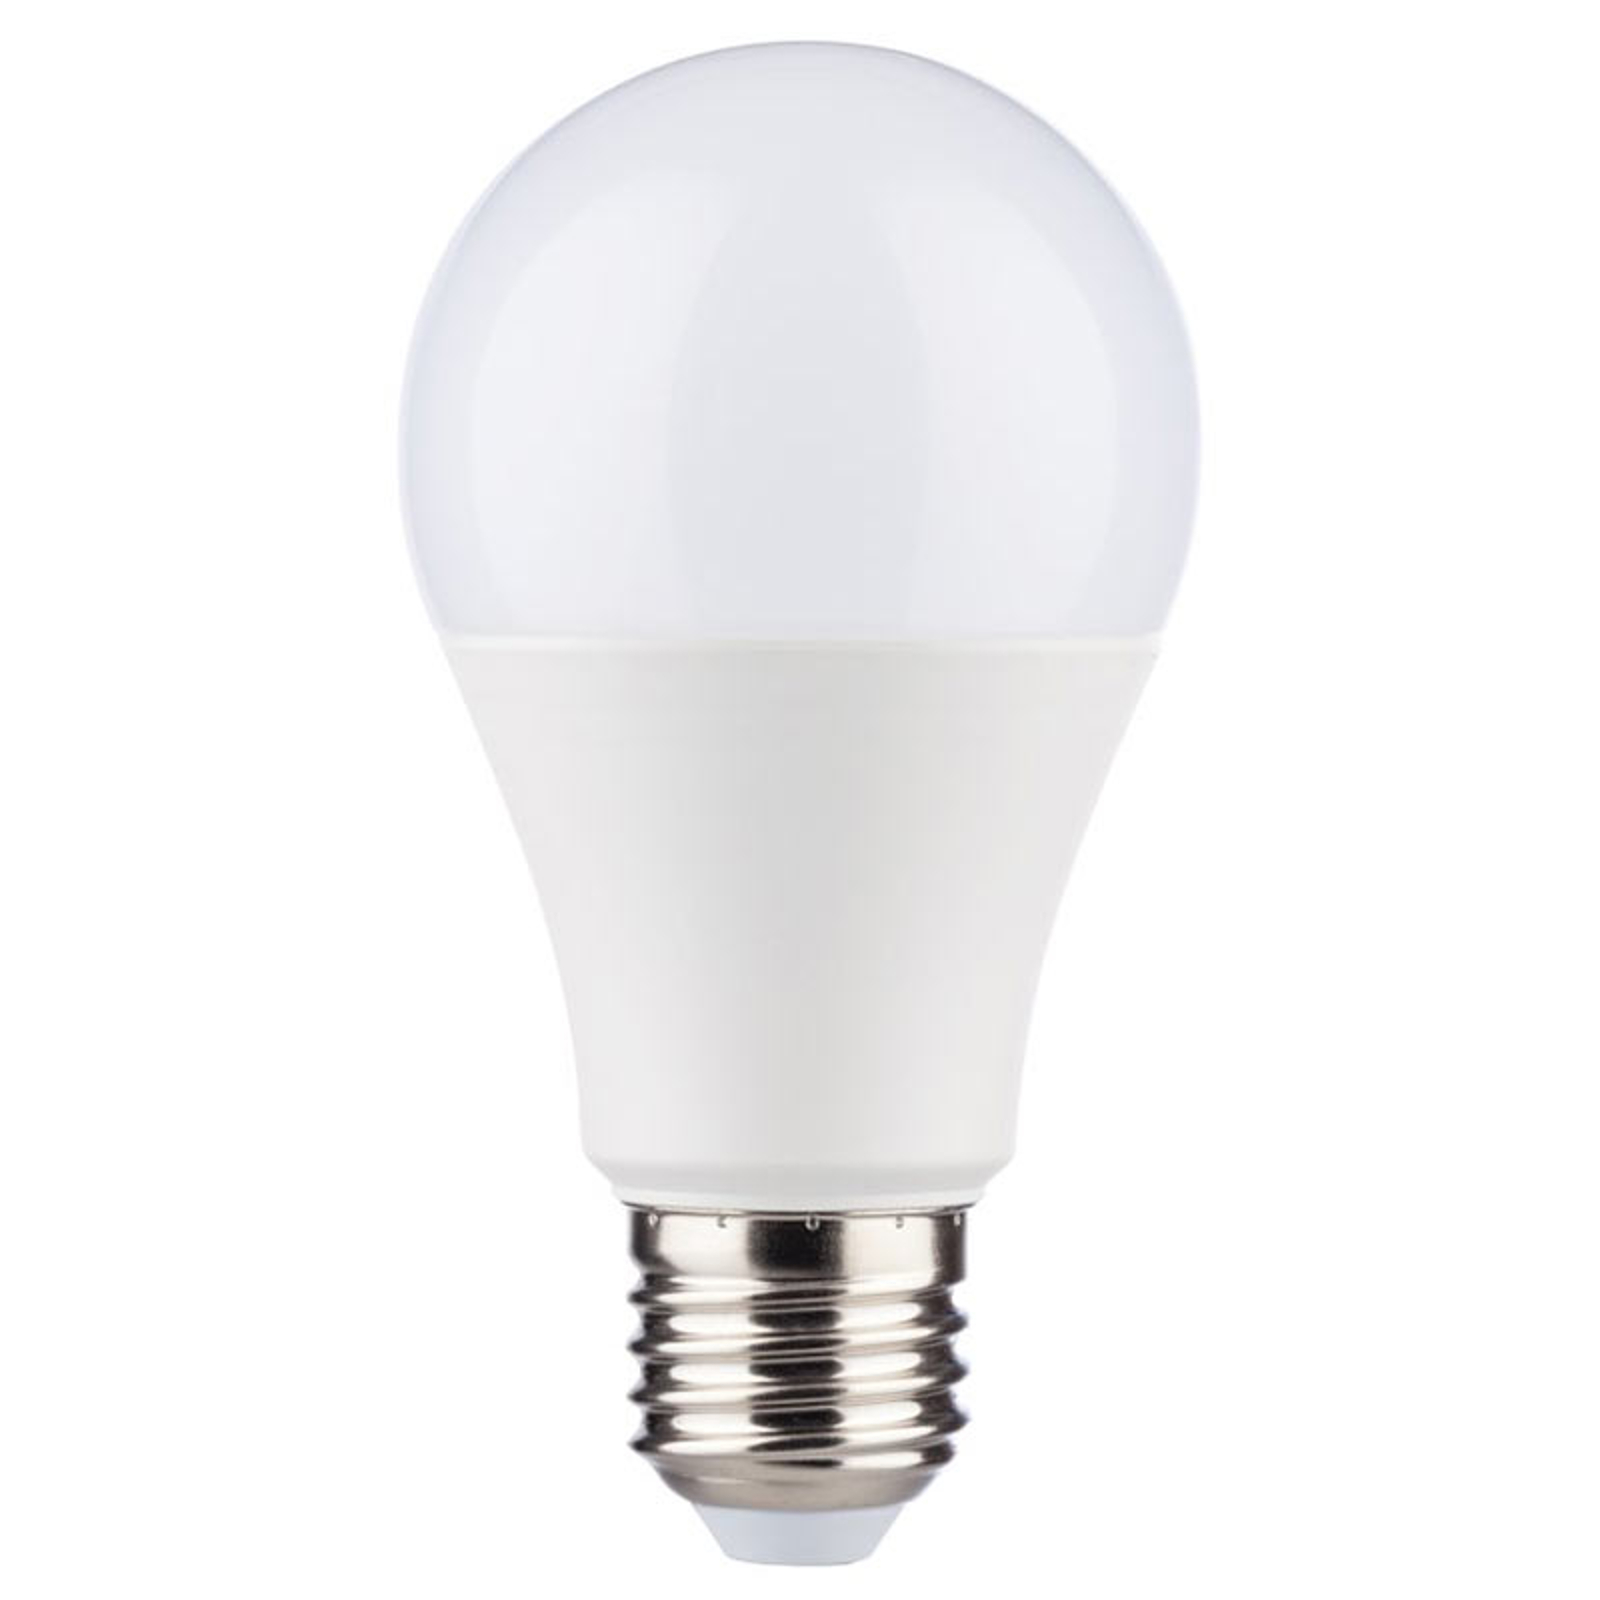 LED-lamppu E27 6 W 4.000 K, 470 lm tunnistimilla